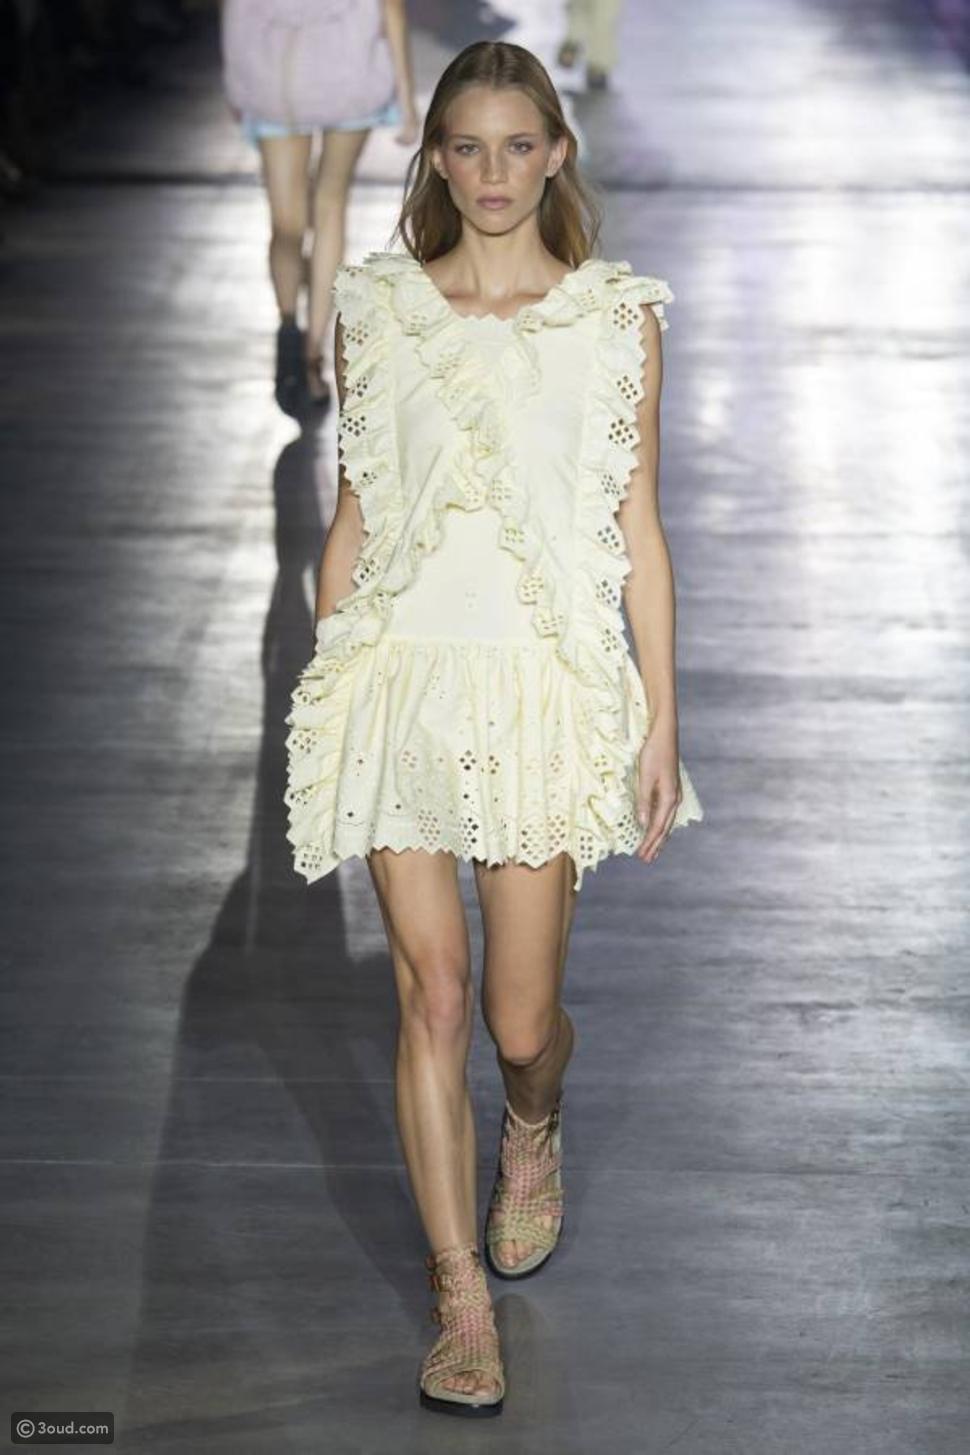 ألبيرتا فيريتي تفتتح أسبوع الموضة في ميلانو بعرض بوهيمي